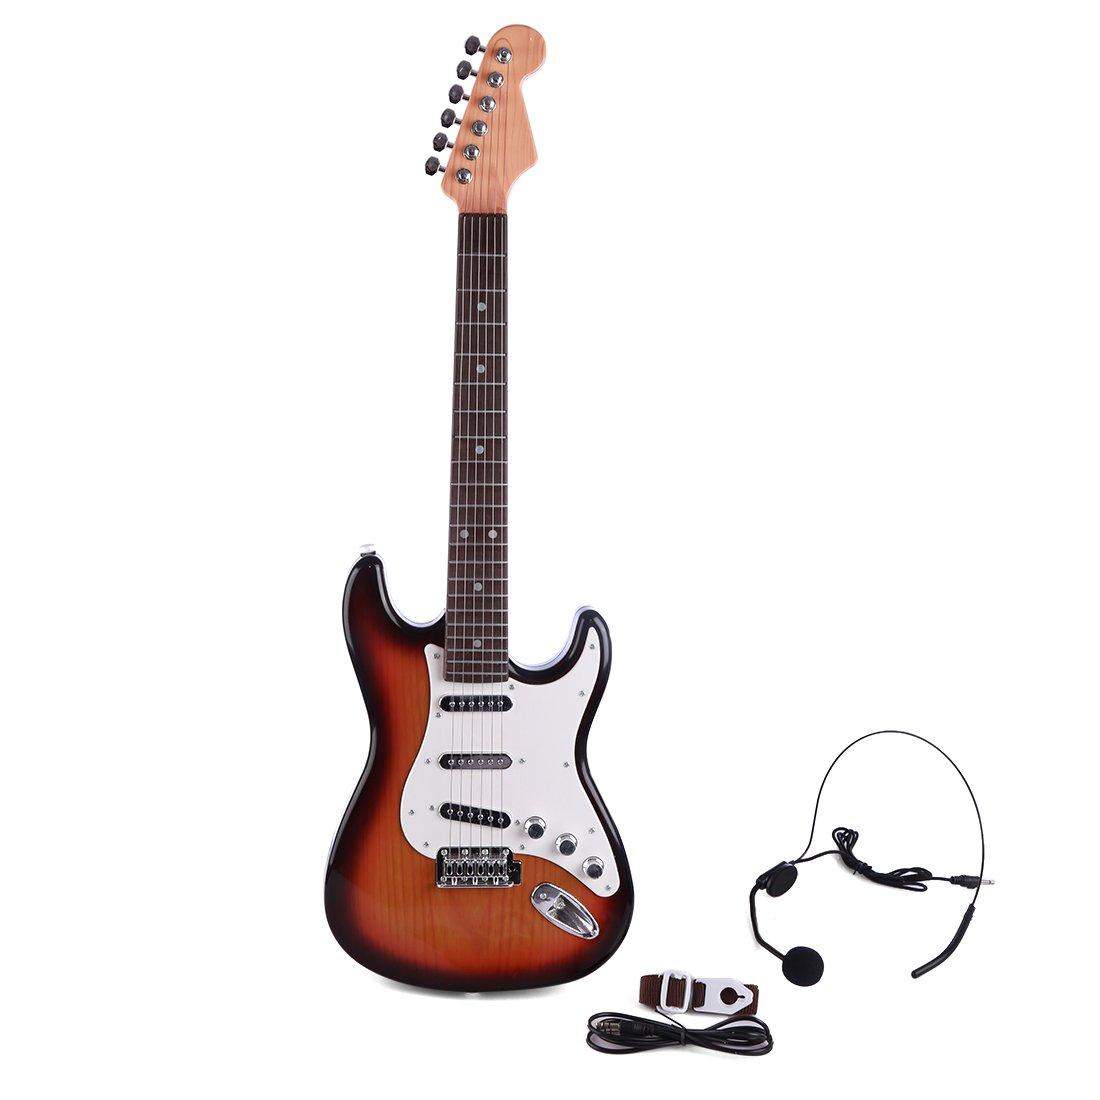 Kinder Gitarre Spielzeug, CT-Tribe 66cm 6 Saiten e-gitarre Kinder Spielzeuggitarre Pädagogisches Spielzeug